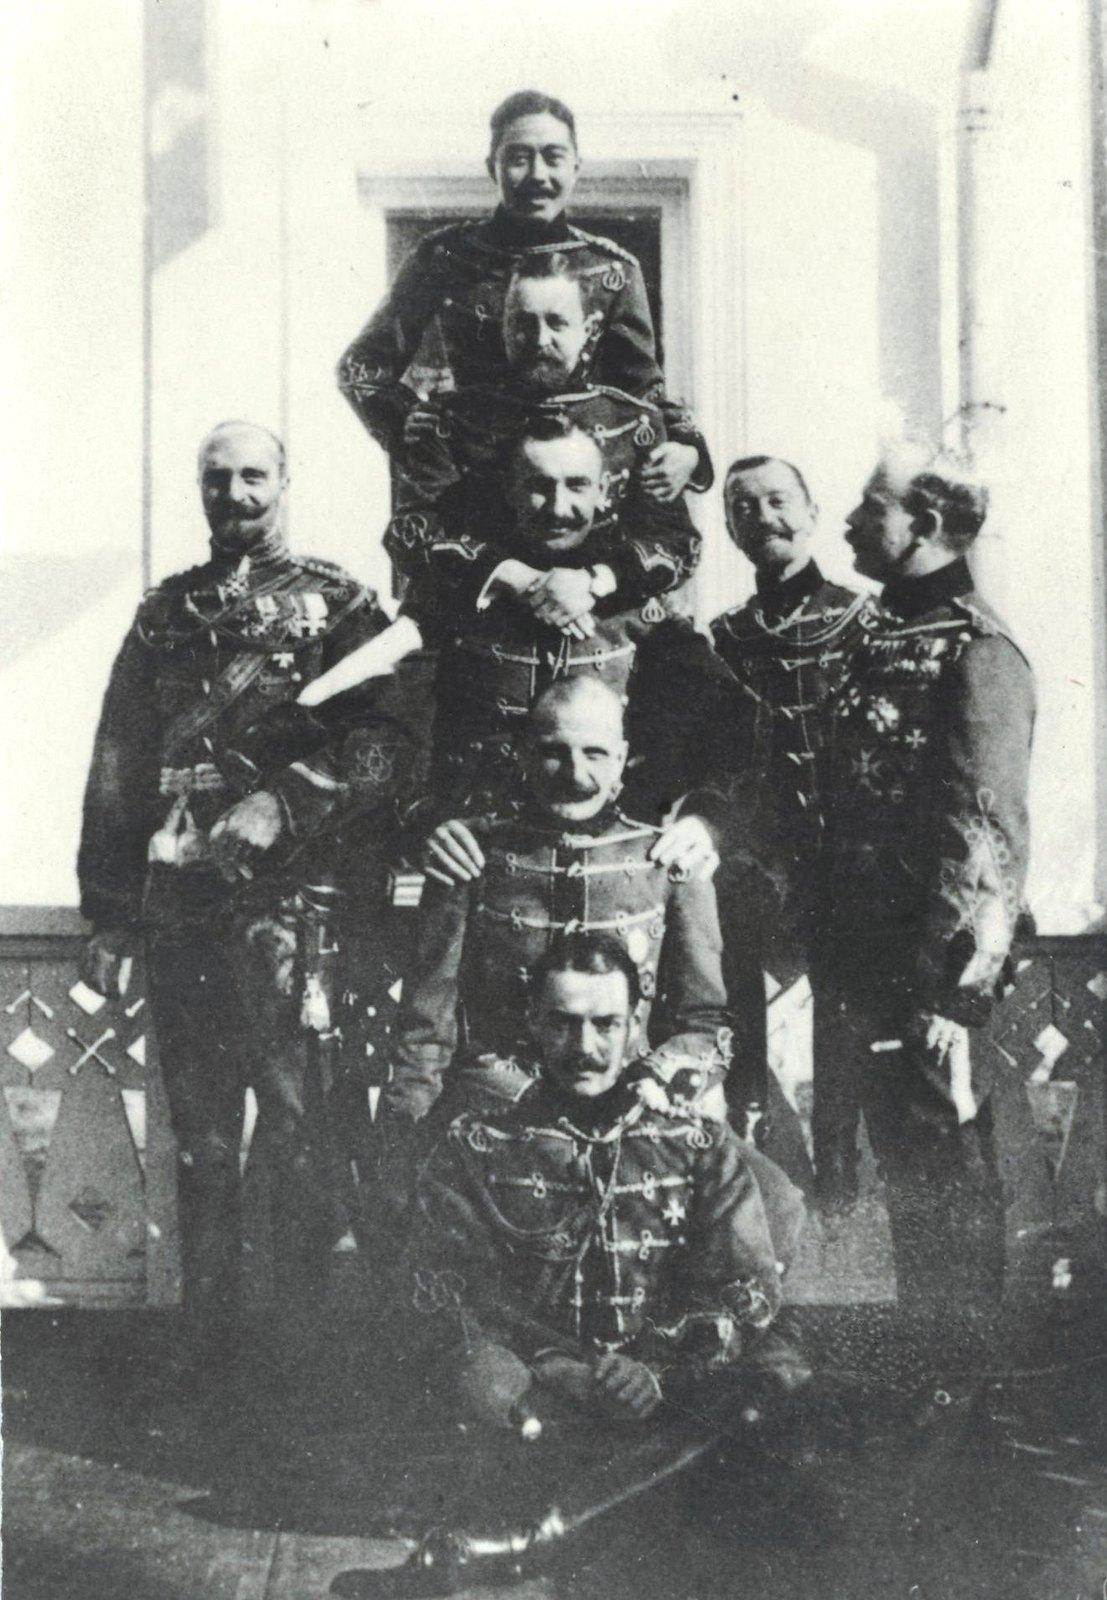 1910. Гусары перед торжественным маршем